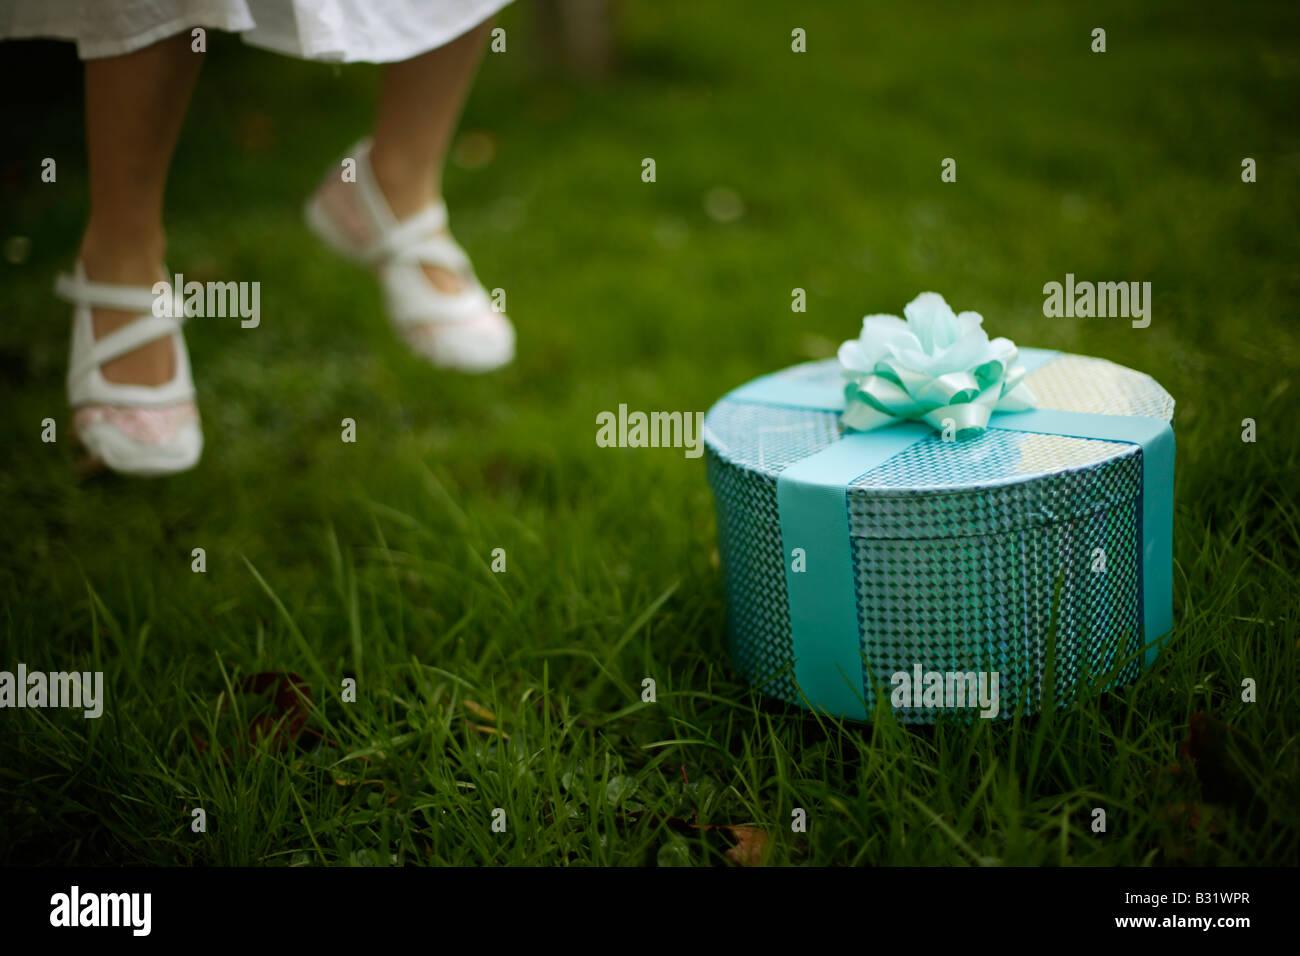 Petite fille de cinq ans avec green fort enveloppé de ruban et rose, saute en l'air pieds au sol Photo Stock